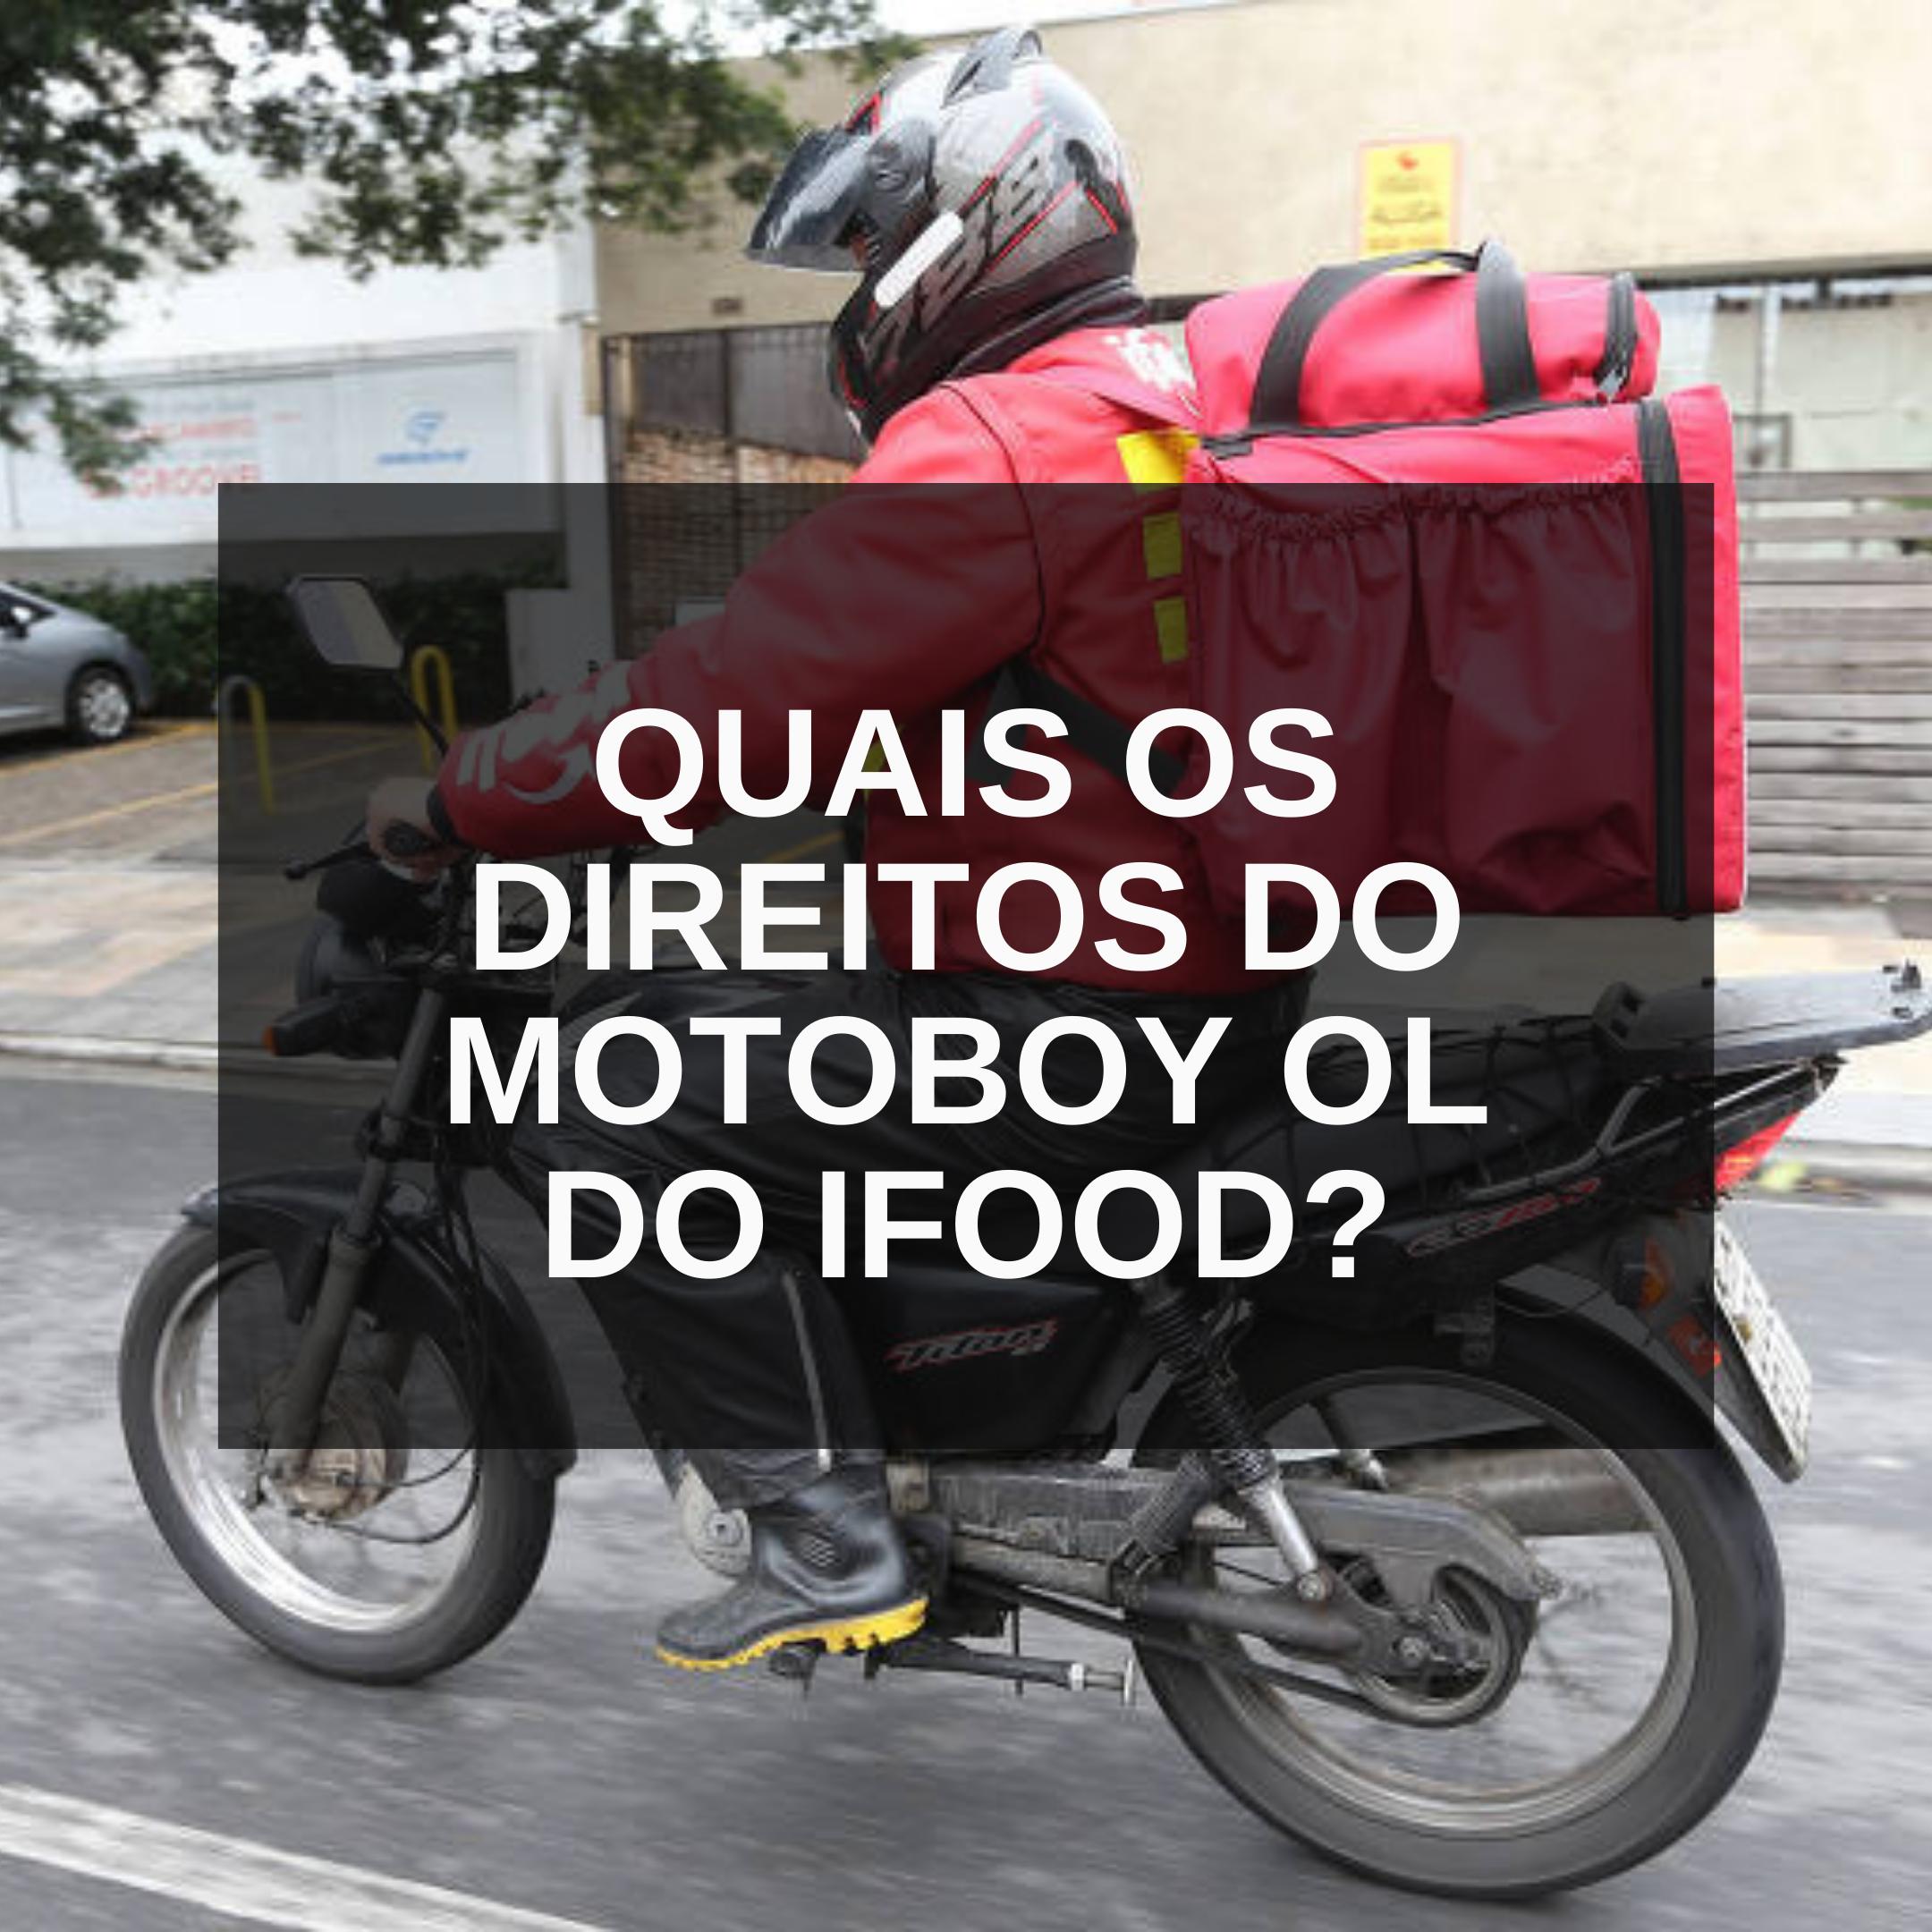 Motoboy que trabalha para OL do IFOOD, quais são seus direitos?